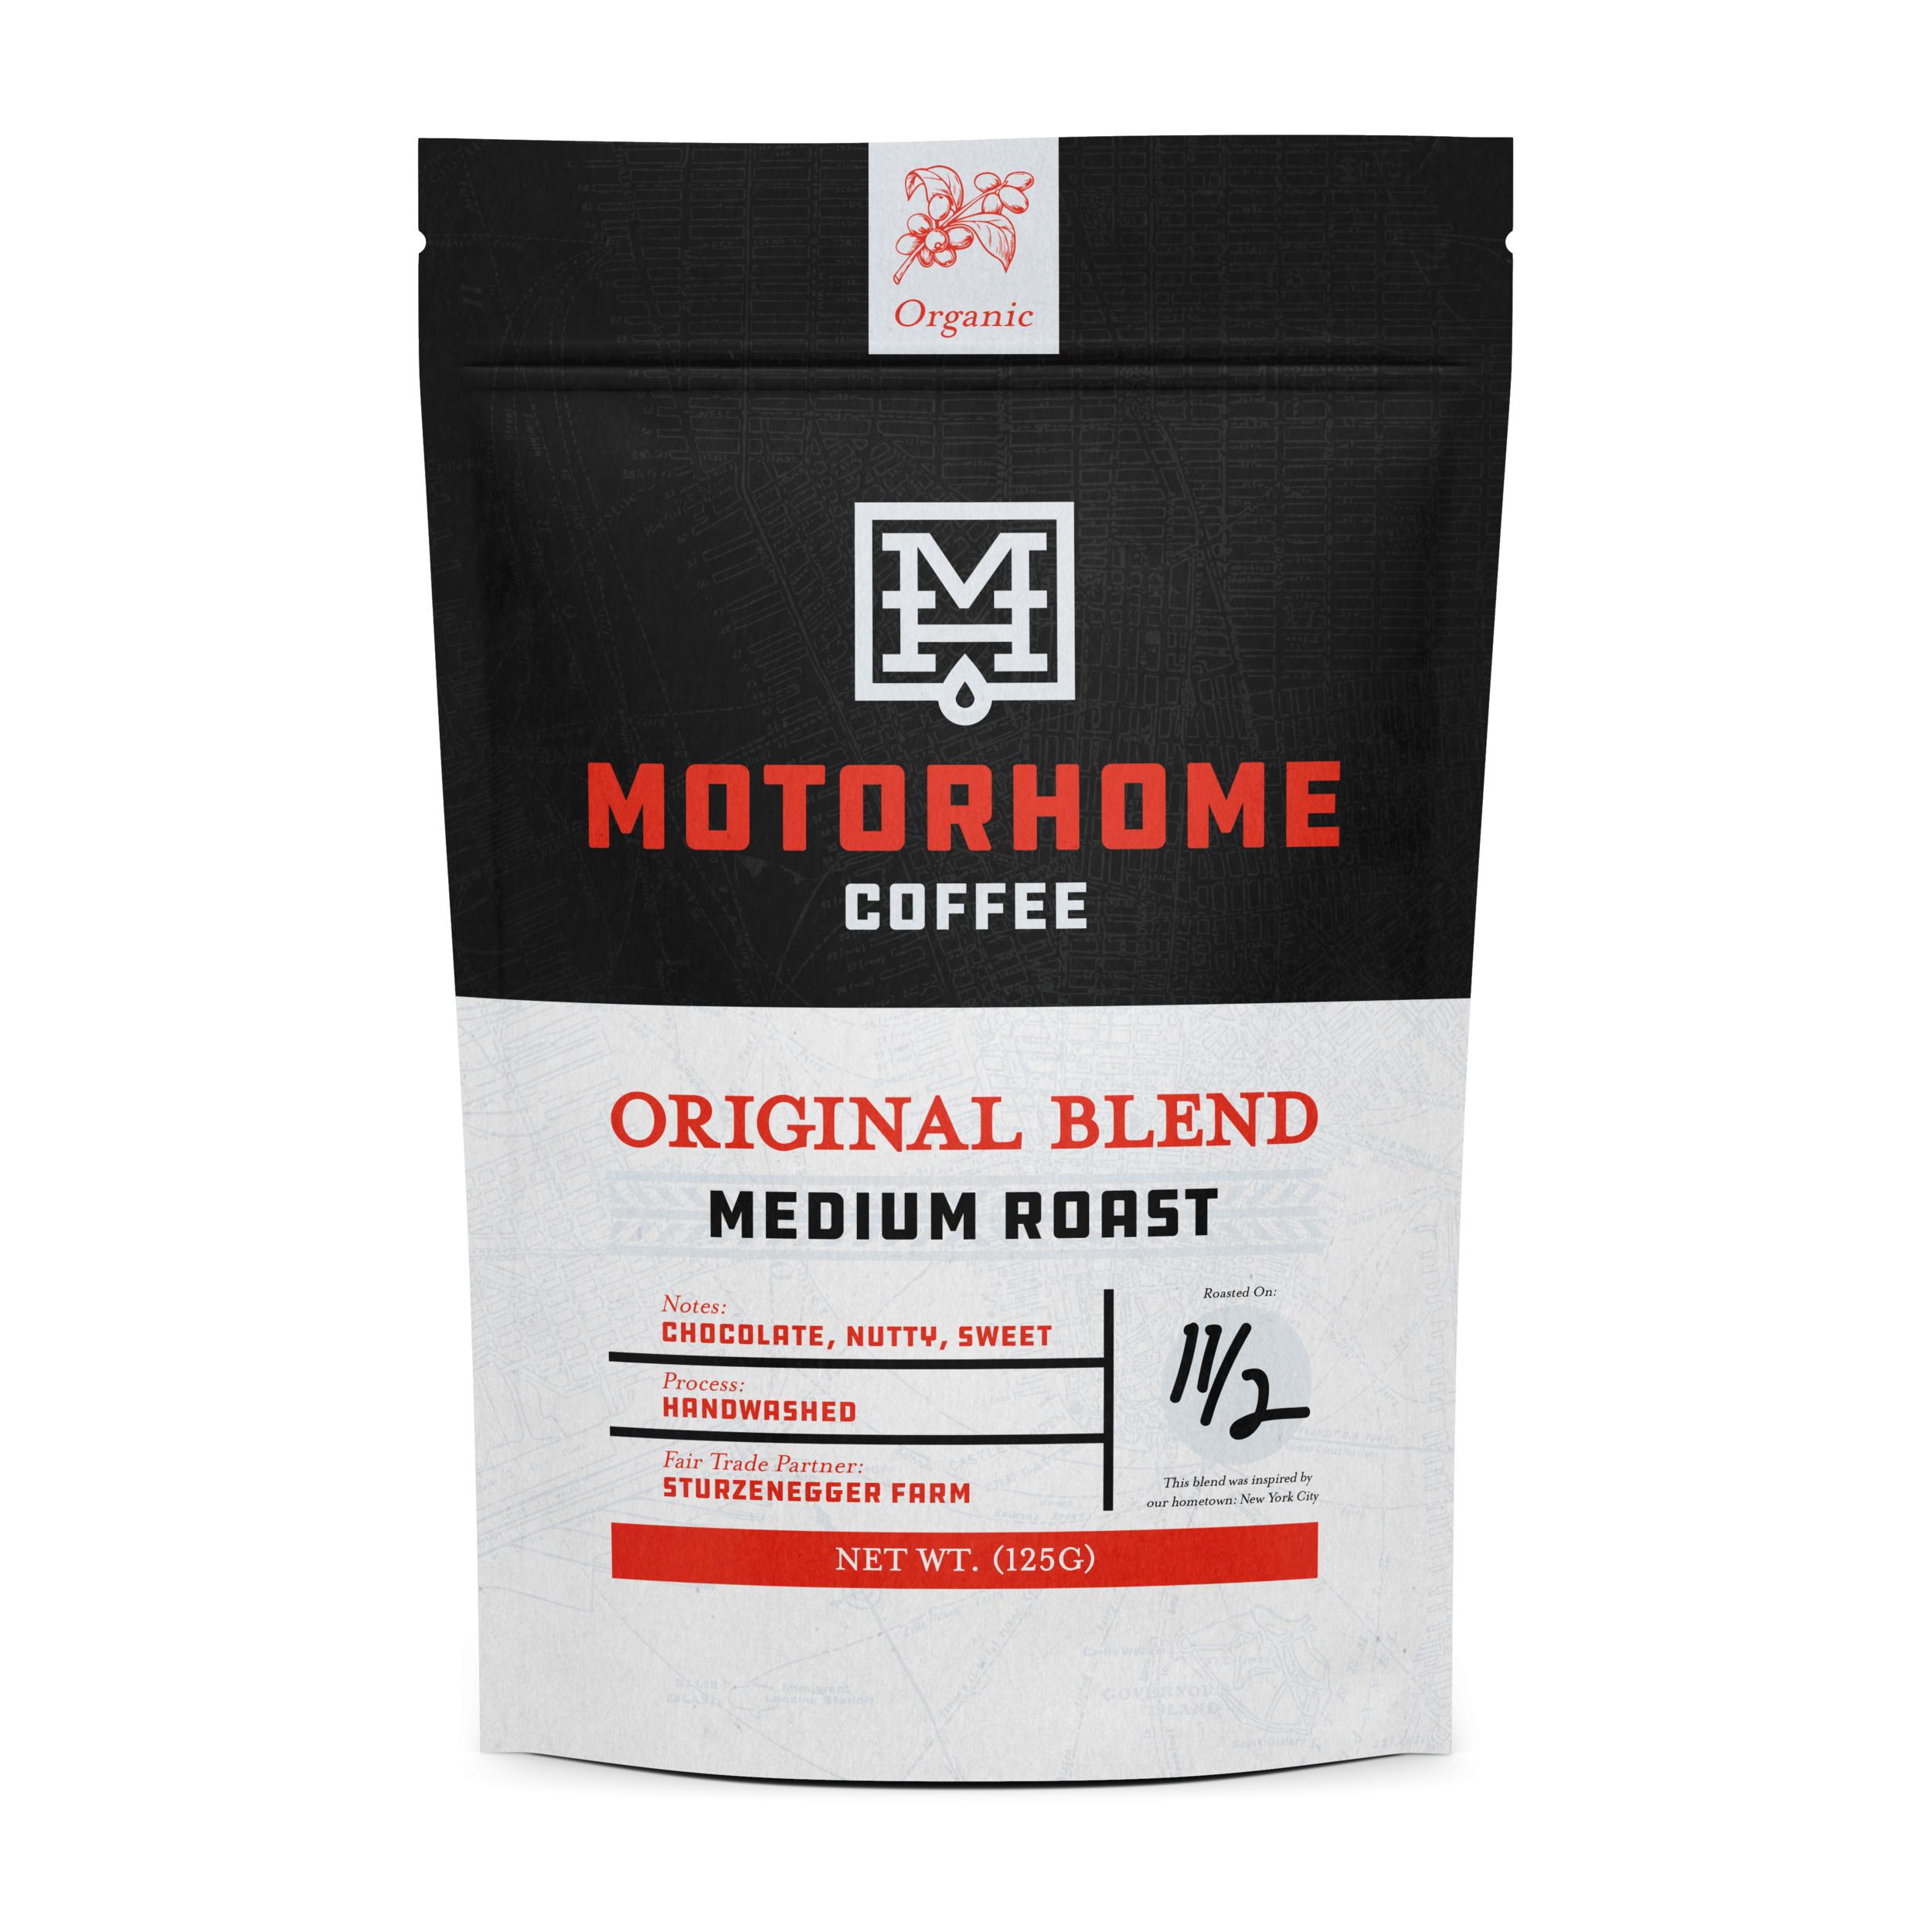 Motorhome Coffee Mockup - Originial.png